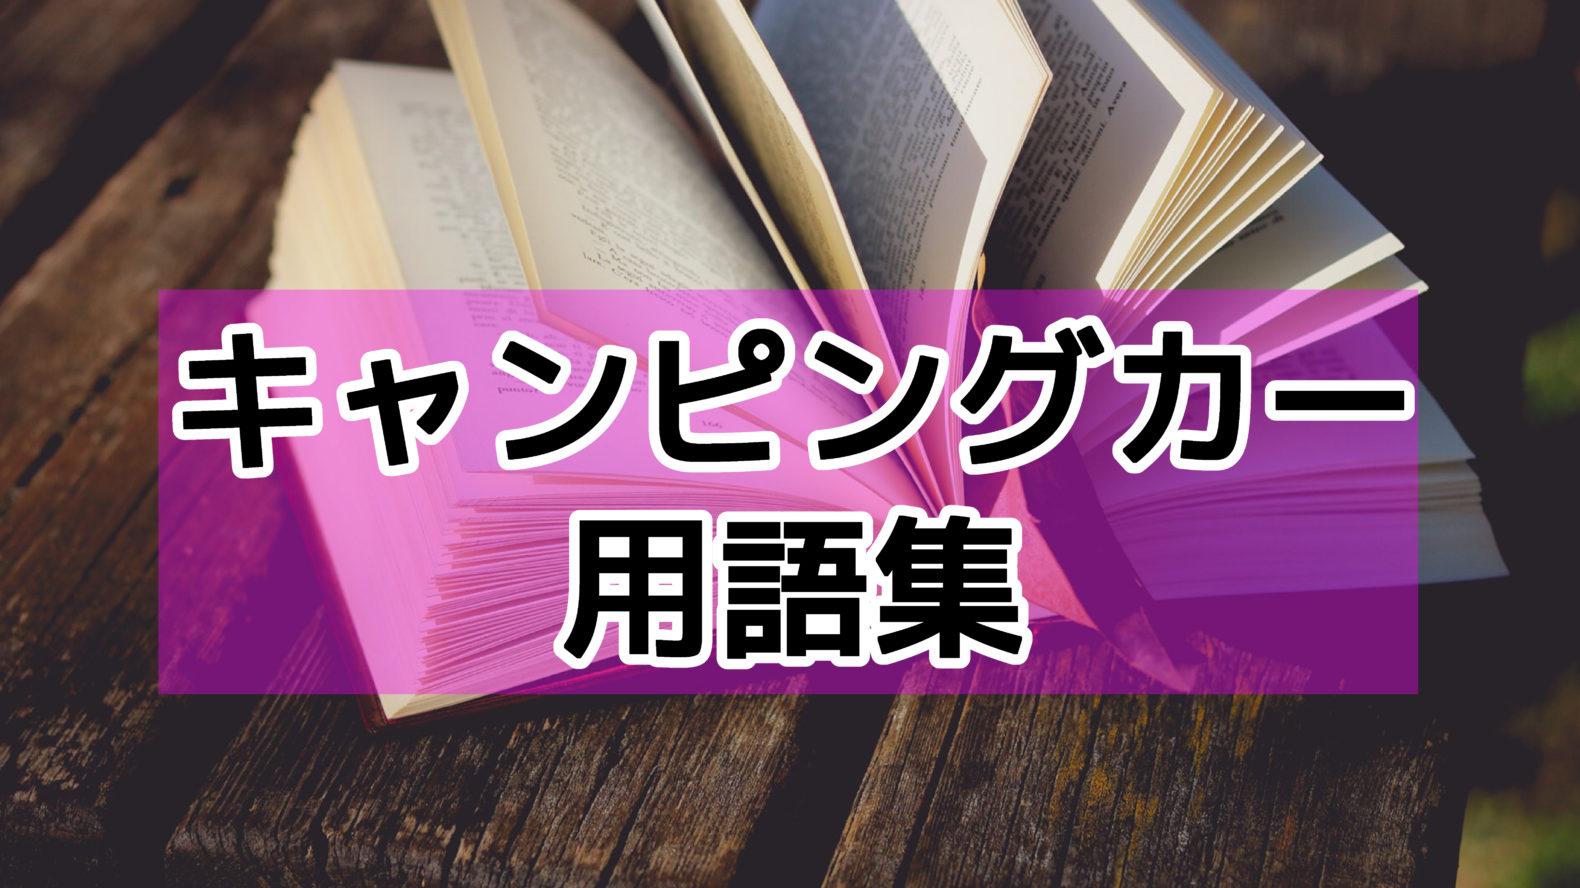 キャンピングカー用語集